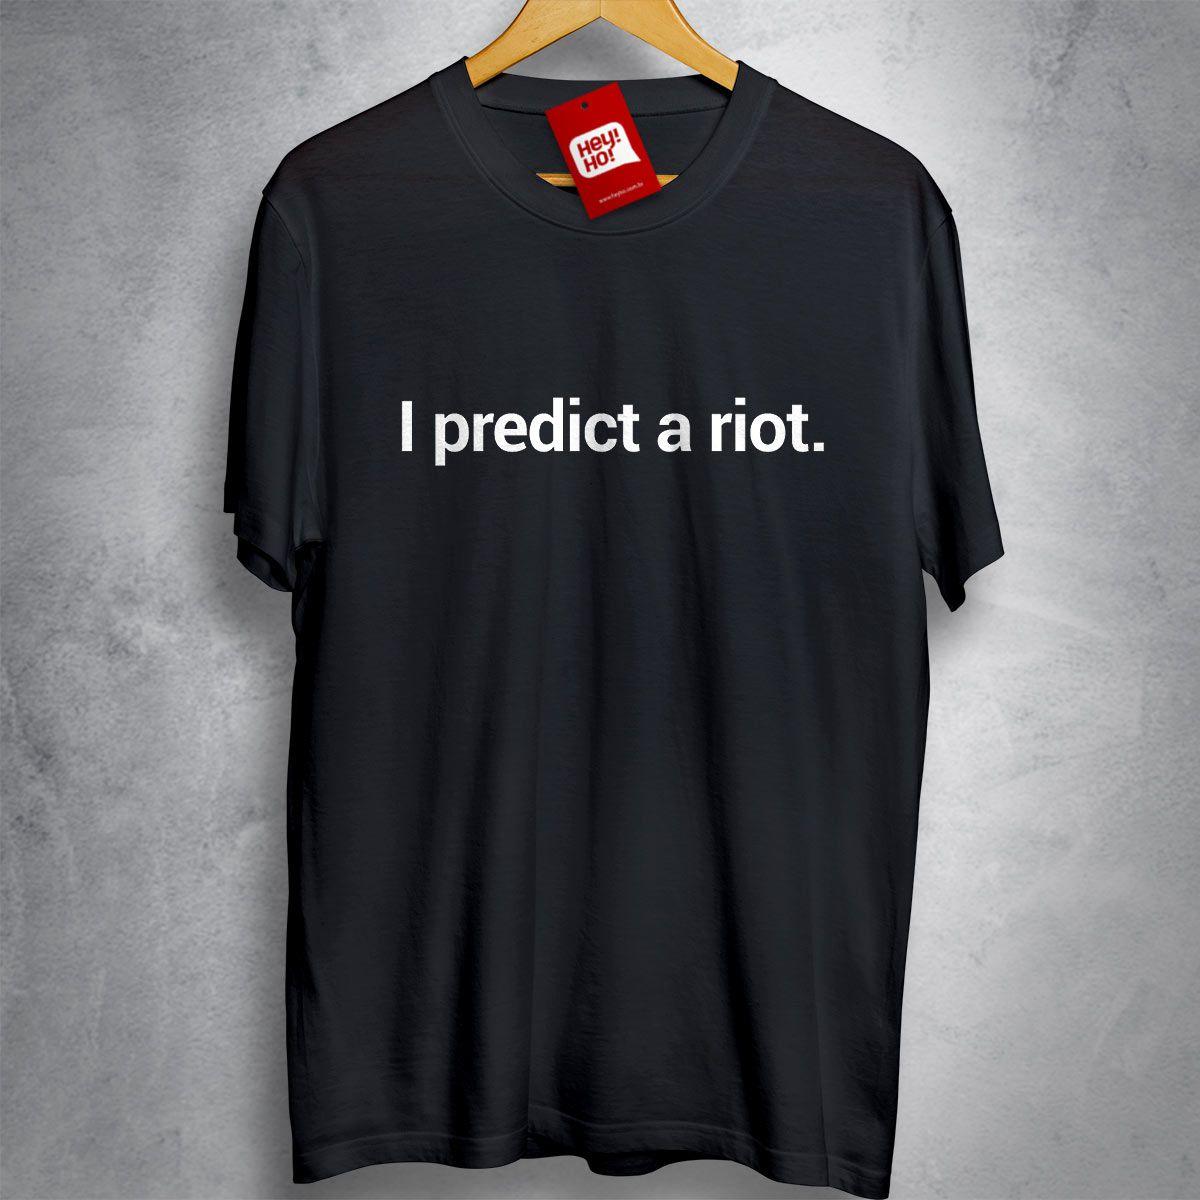 KAISER CHIEFS -  I predict a riot